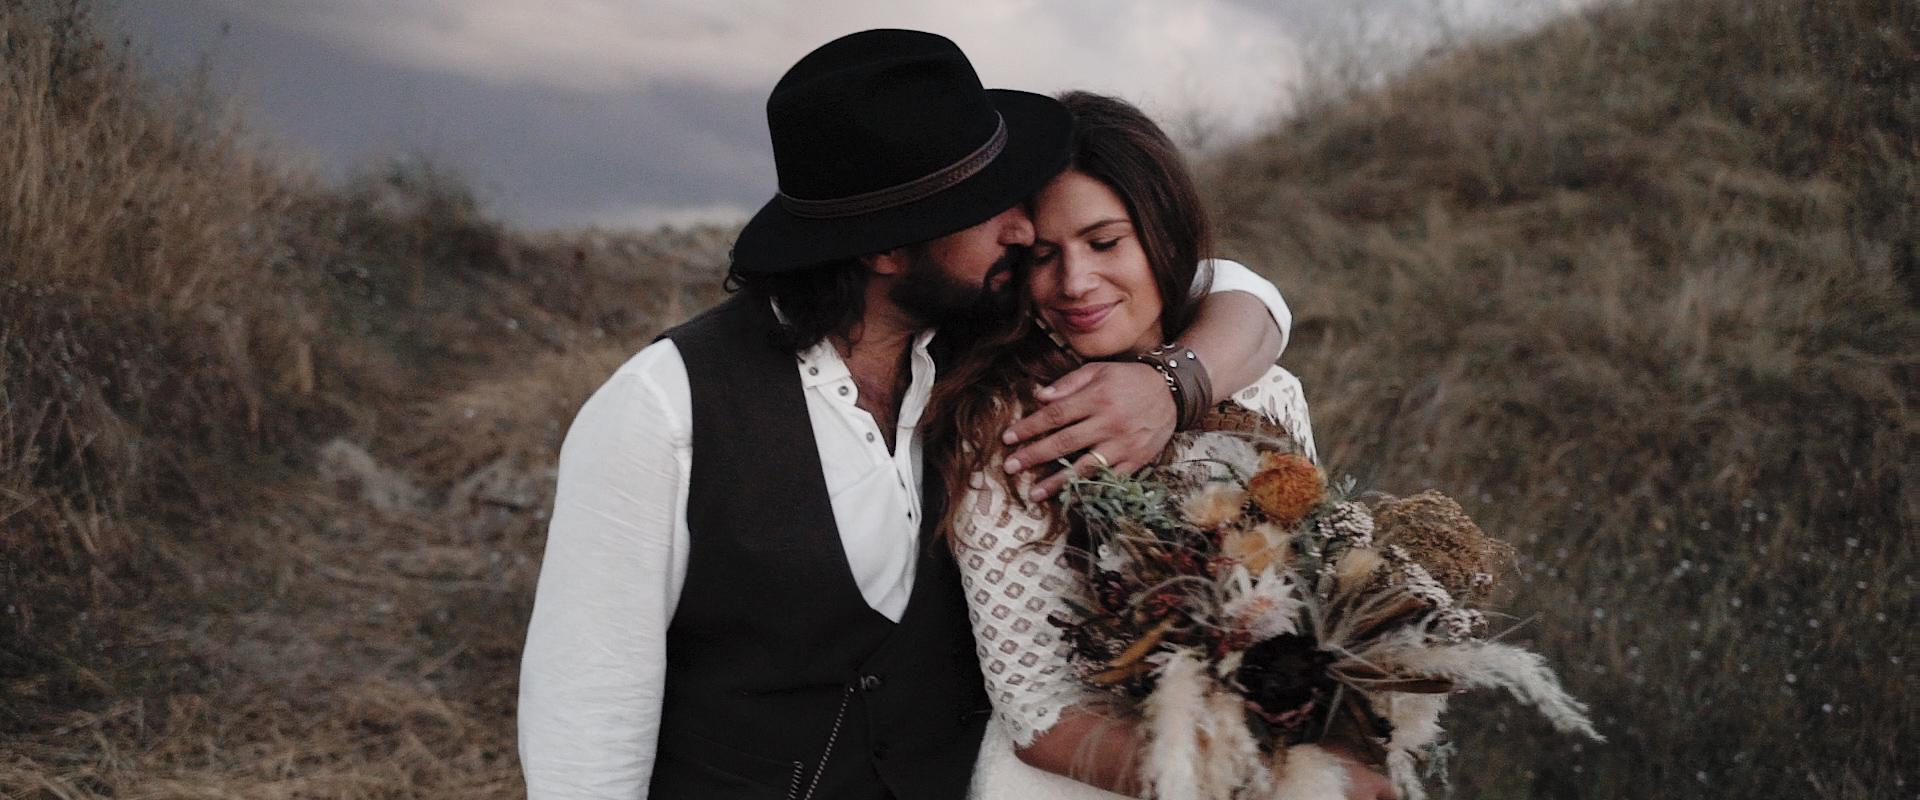 Anne / Riccardo